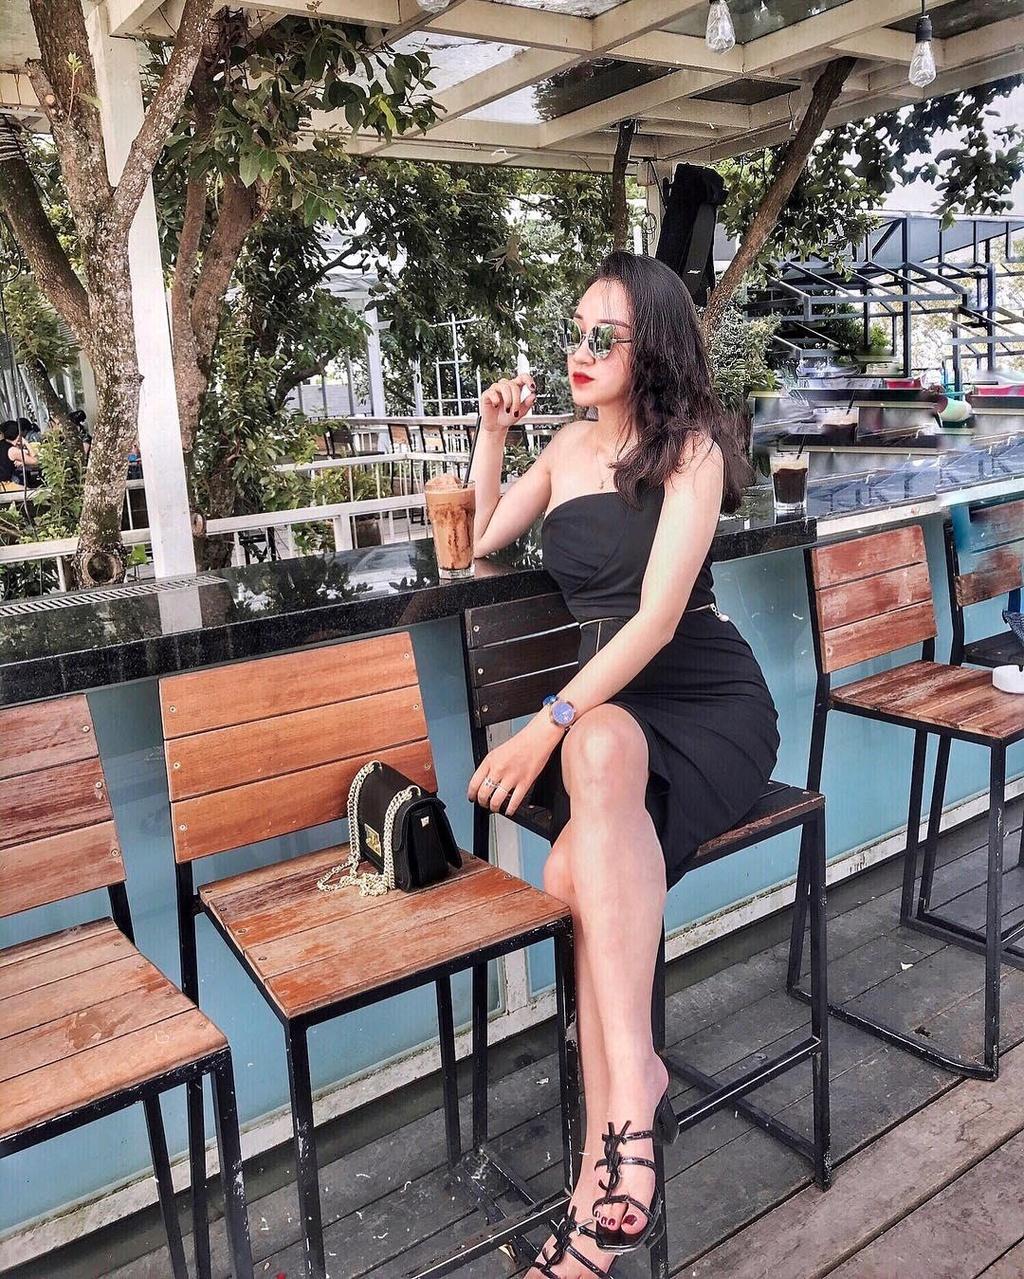 Tranh nong ngay he tai nhung quan ca phe view dep o Phu Quoc hinh anh 12 Tránh nóng ngày hè tại những quán cà phê view đẹp ở Phú Quốc - 52087655_635887593535597_6072697468796700372_n - Tránh nóng ngày hè tại những quán cà phê view đẹp ở Phú Quốc